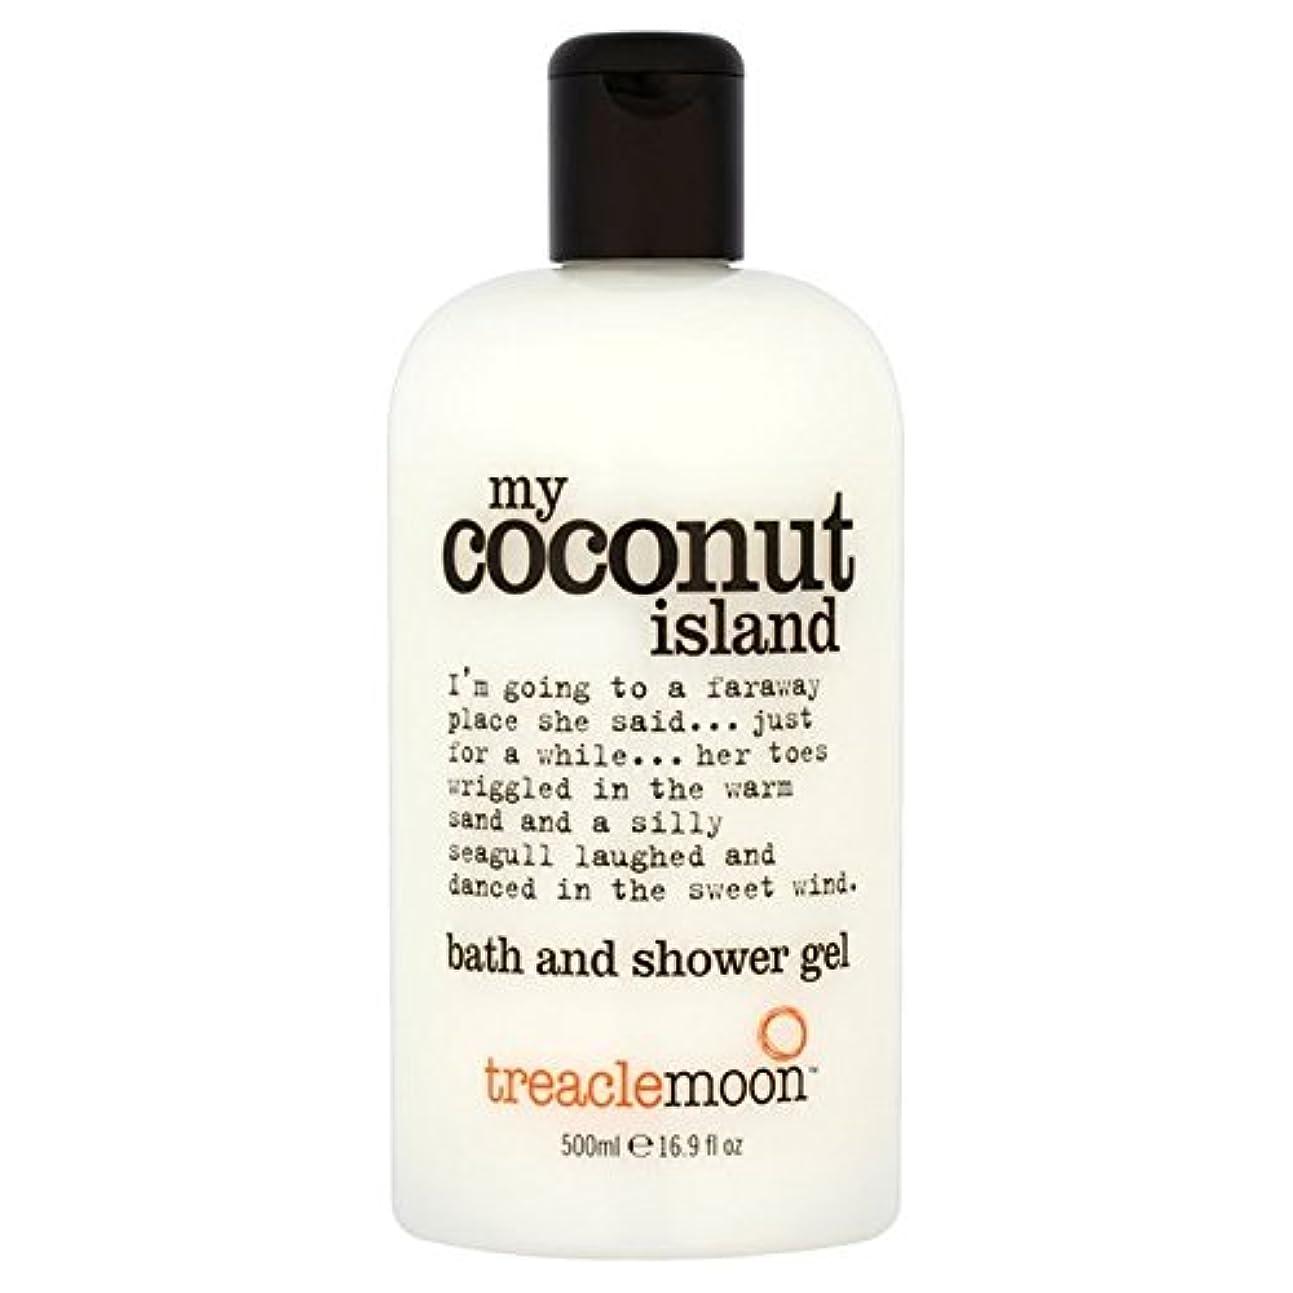 ペレグリネーション護衛思われる糖蜜月ココナッツ島のバス&シャワージェル500ミリリットル x2 - Treacle Moon Coconut Island Bath & Shower Gel 500ml (Pack of 2) [並行輸入品]